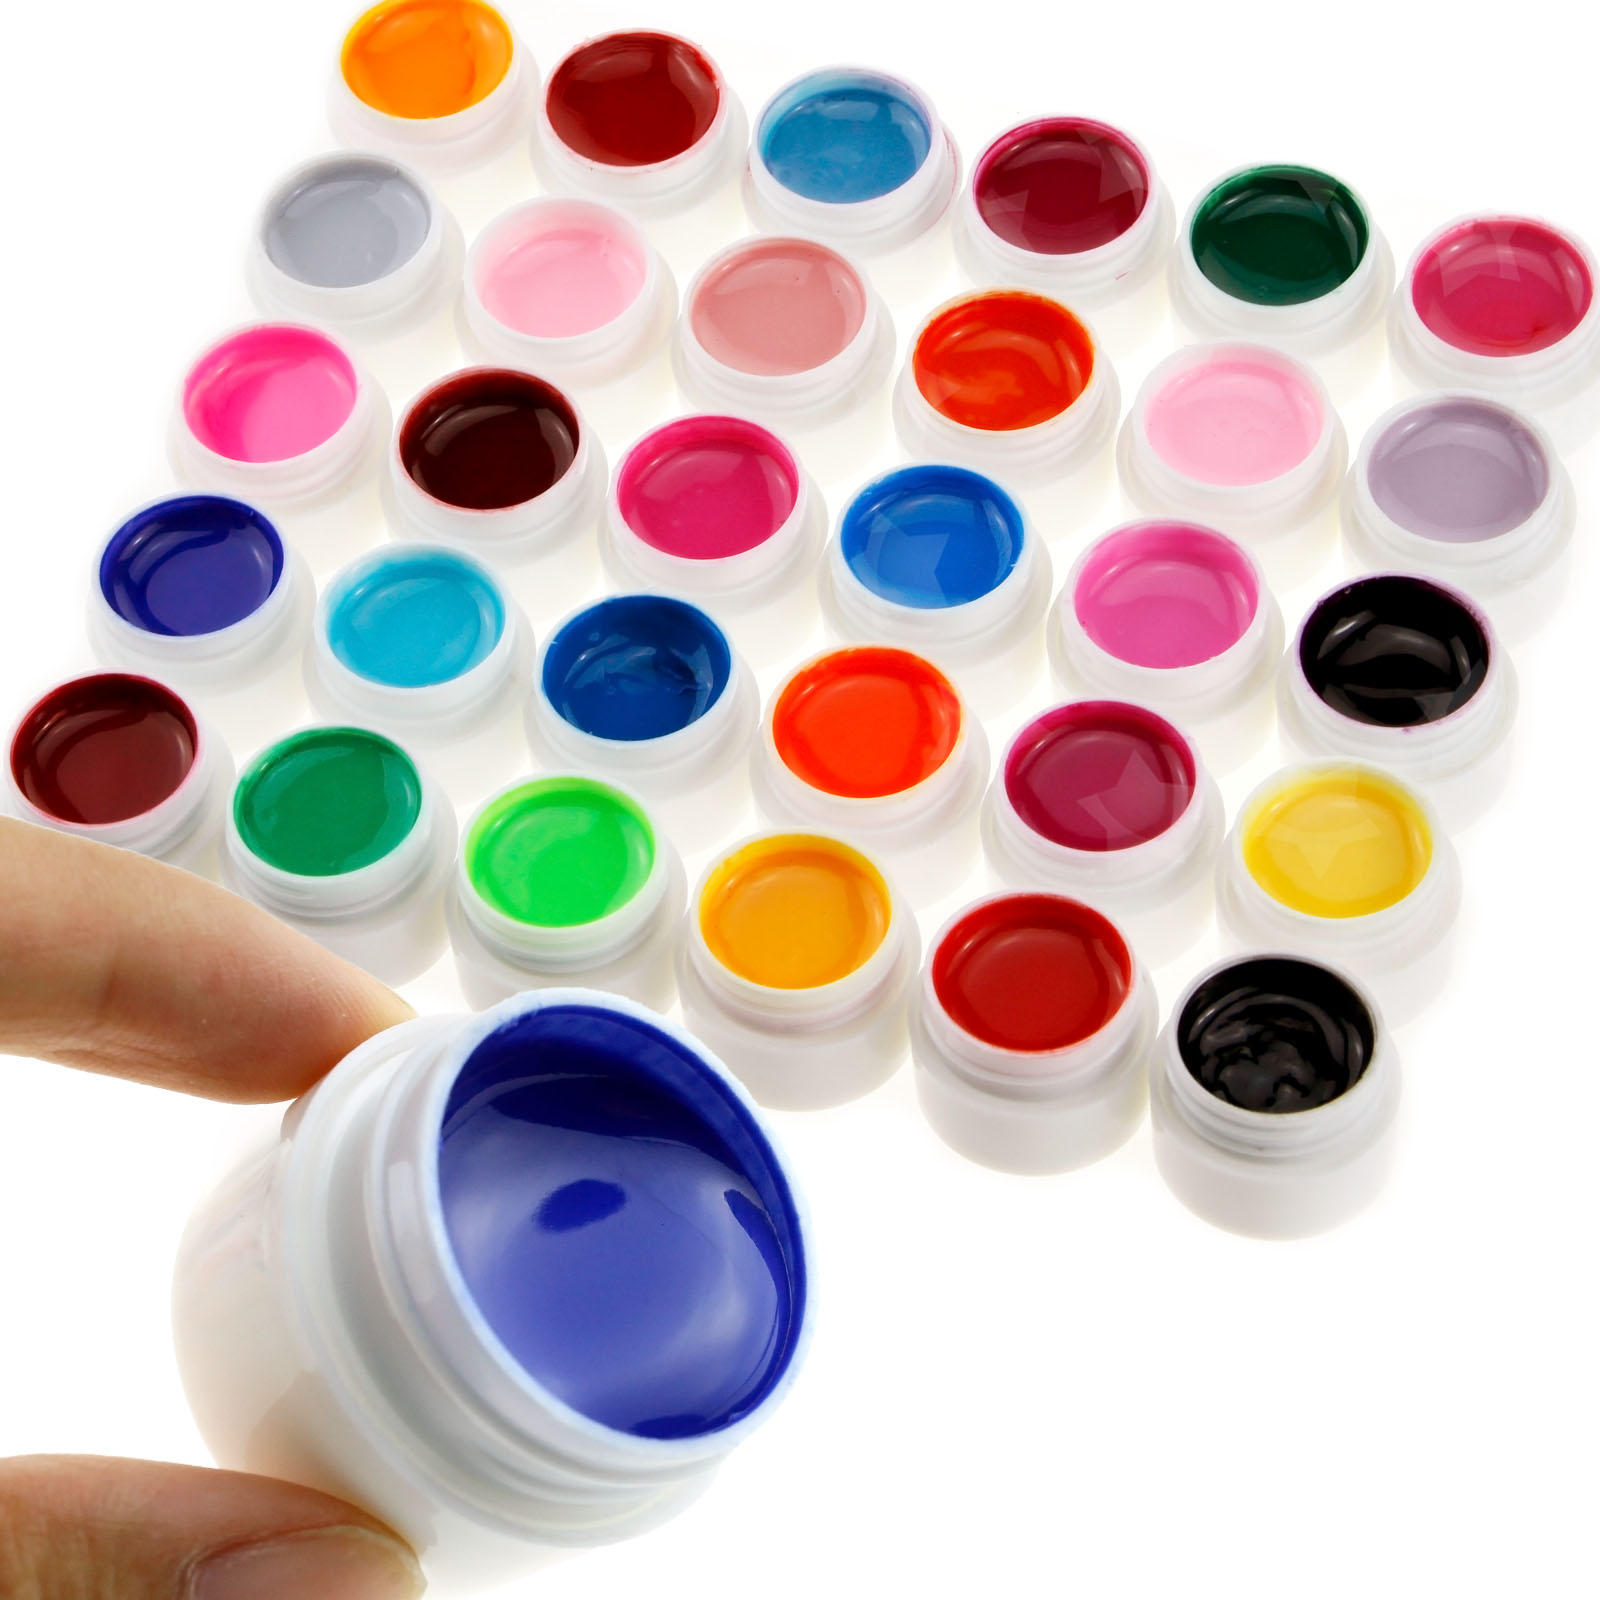 60 Mischen Farben Farbgele UV Gel Set Solide & Perle